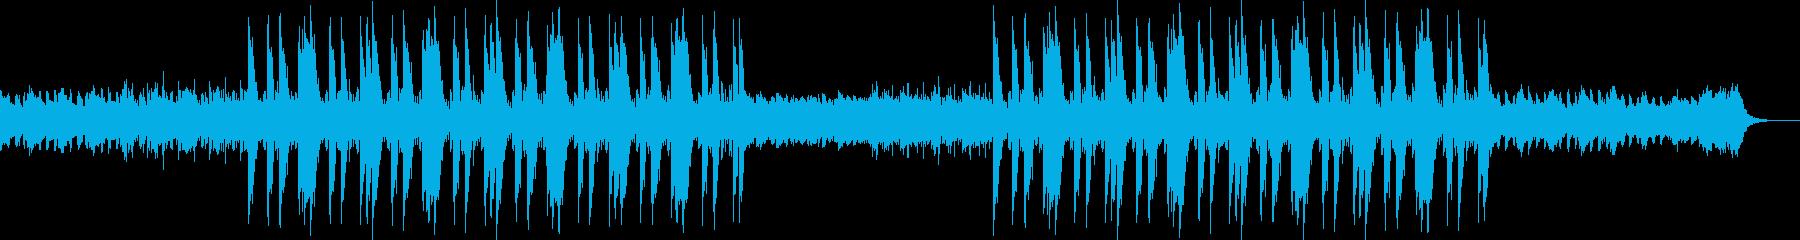 かわいい キラキラ チルトラップの再生済みの波形